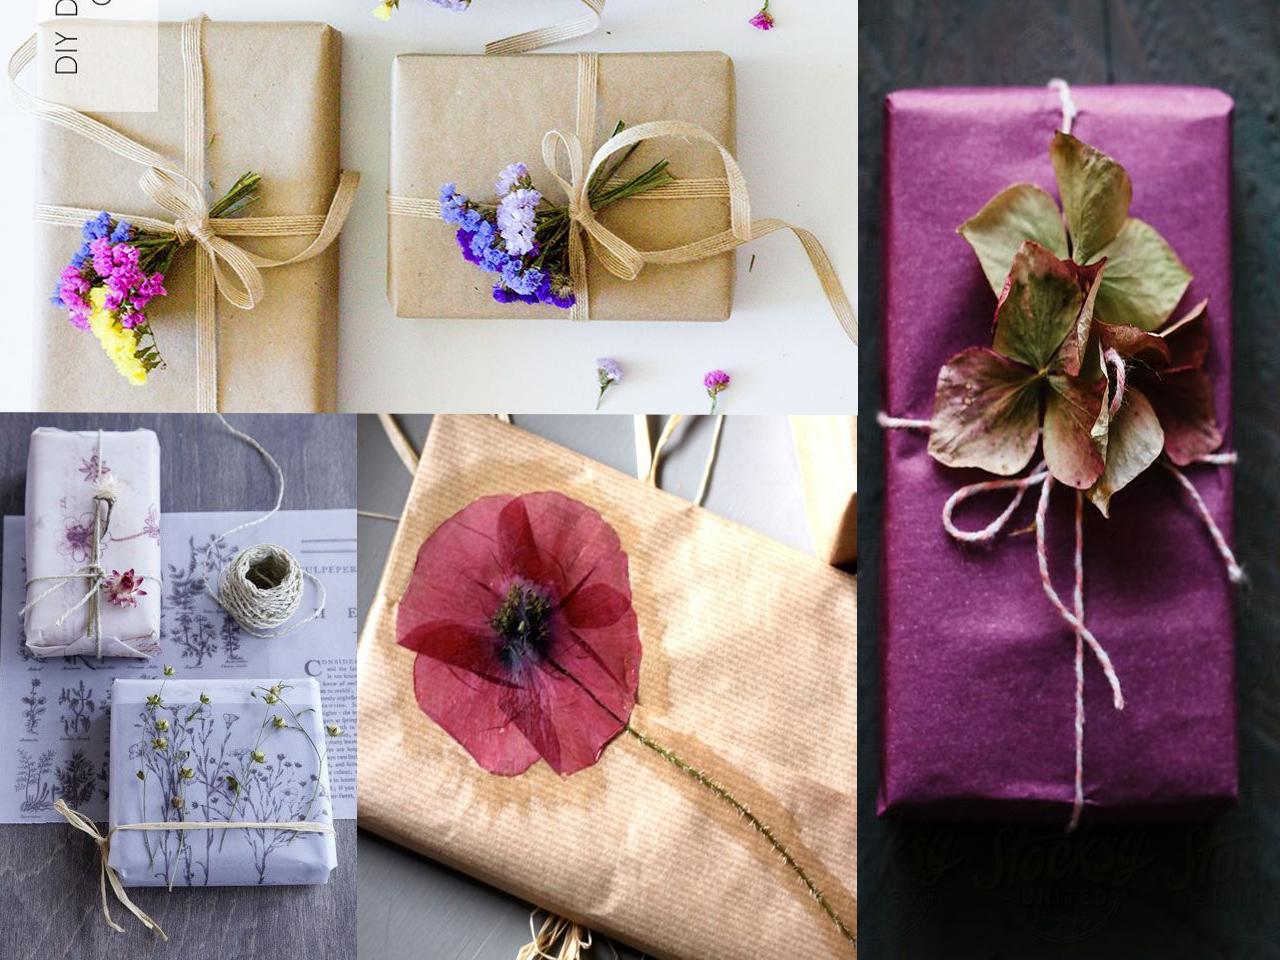 Flores secas para decorar decorao com flores with flores - Flores secas para decorar ...